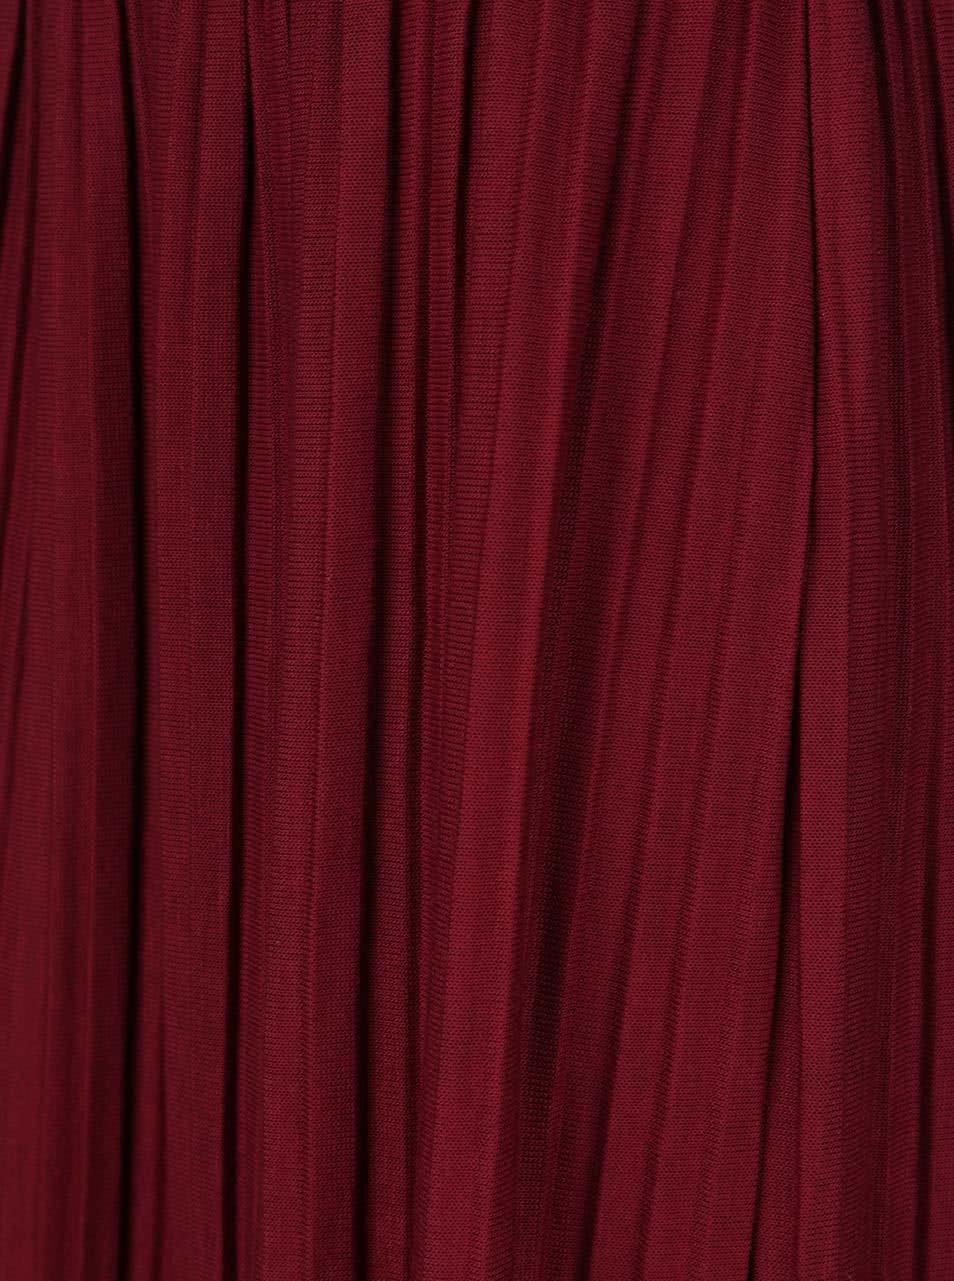 Vínová plisovaná sukně Alchymi Anya ... 7b2cc37204